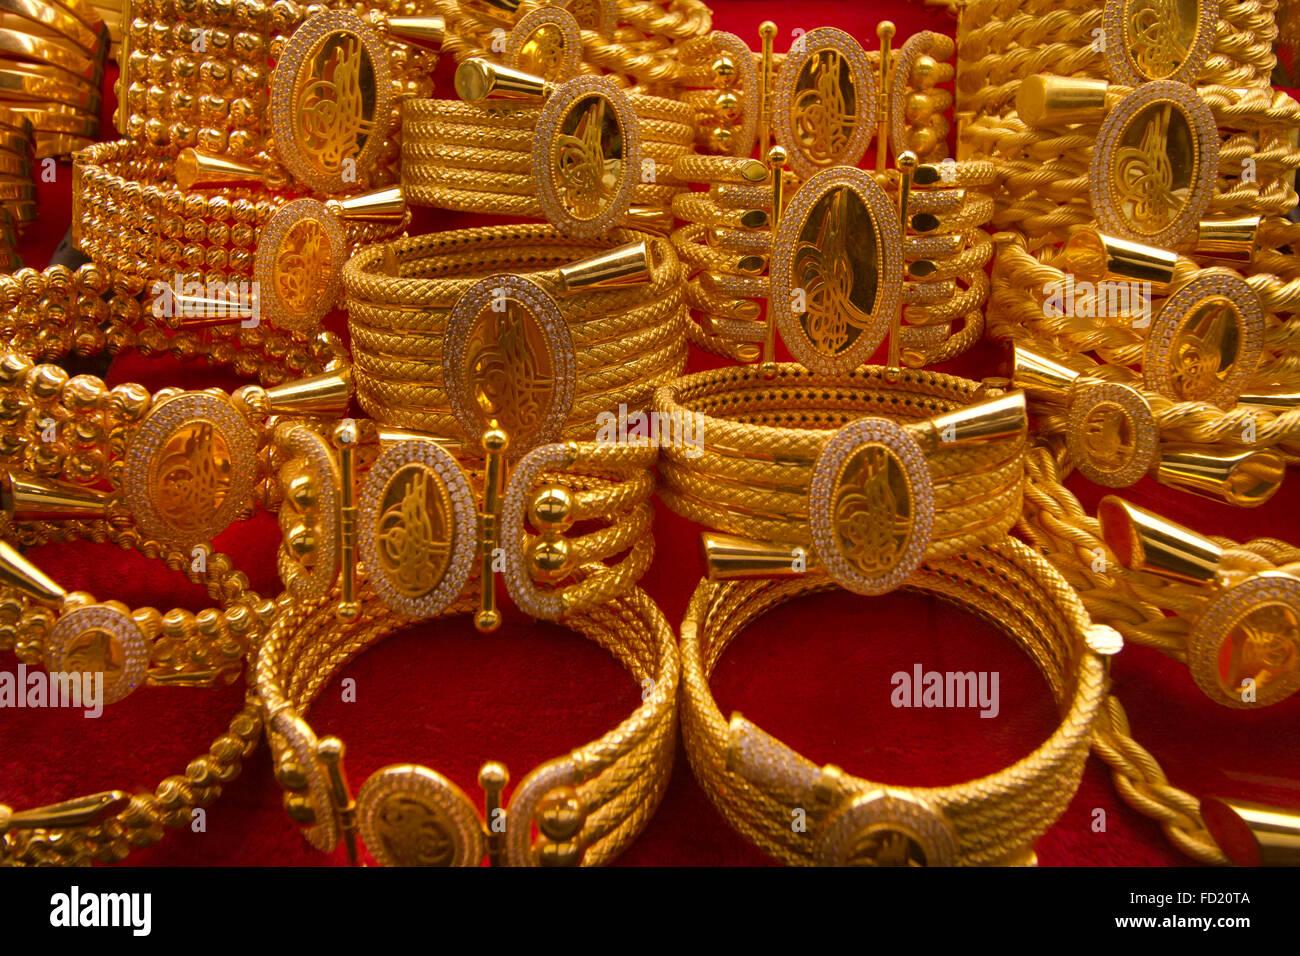 Arap gold - affiche identique peut être vu dans les souks de l'or dans tous les Etats arabes du Golfe Photo Stock